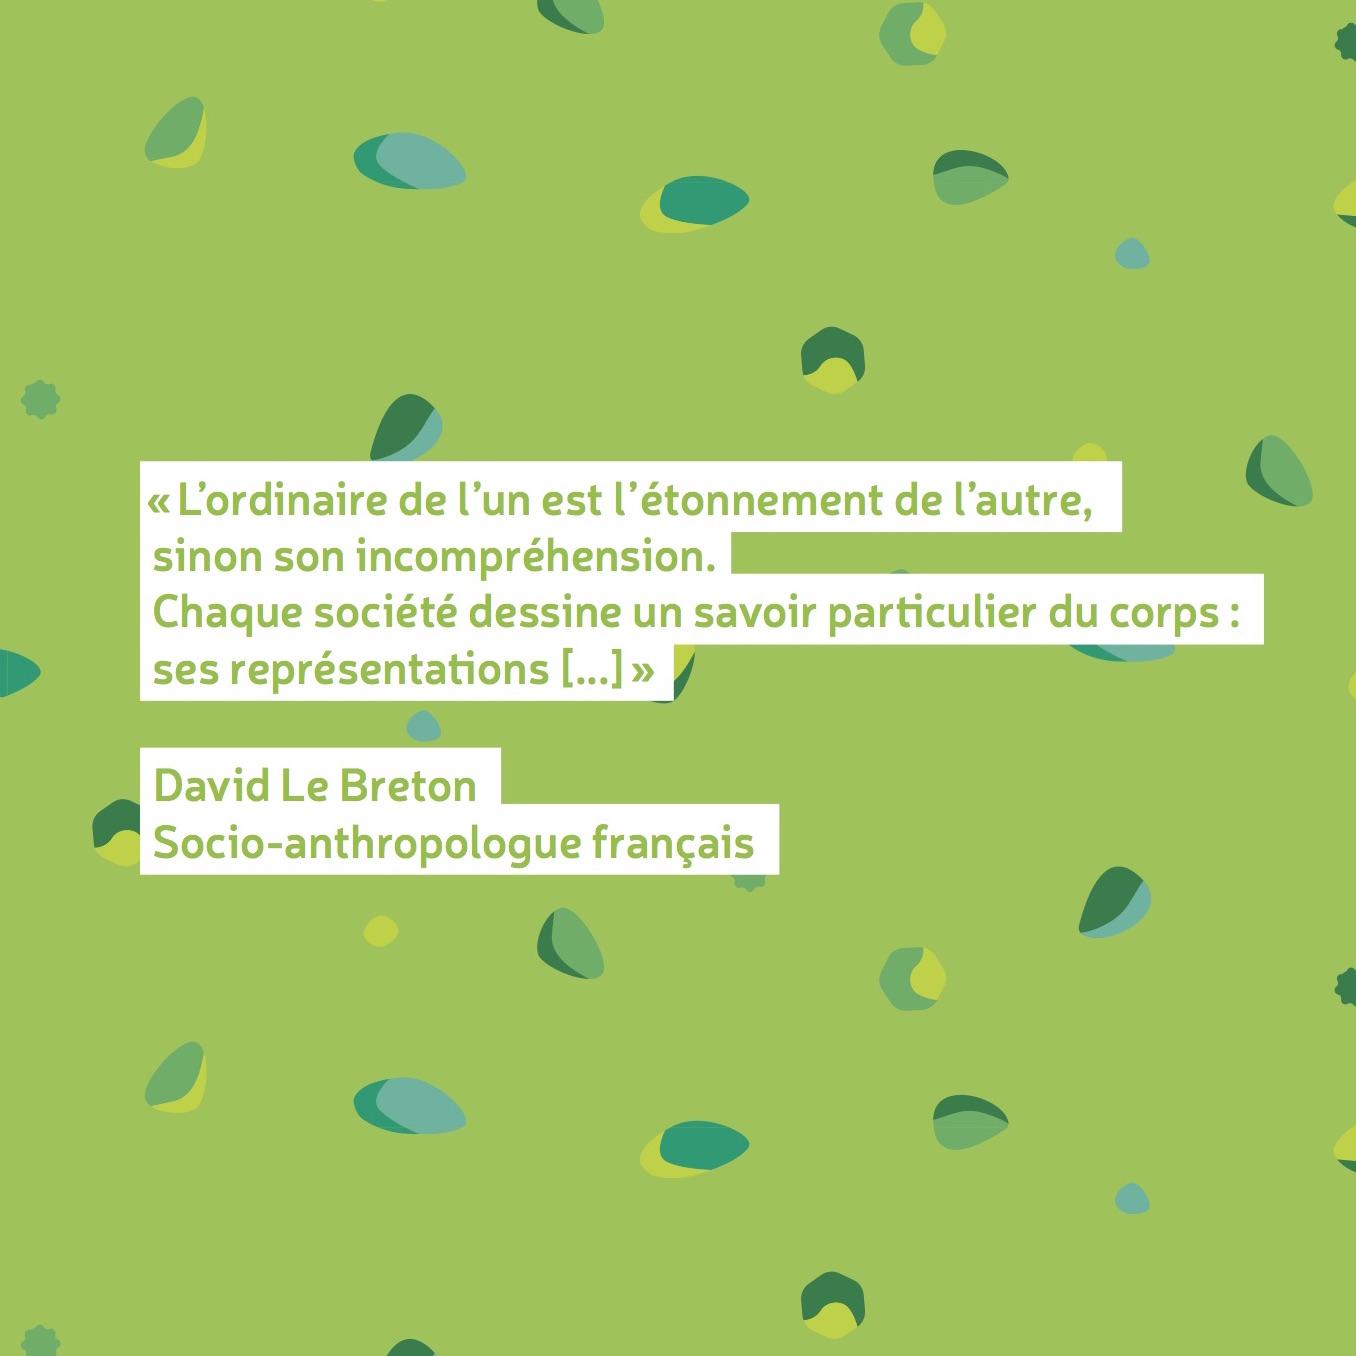 belgik-mojaik-outil-pedagogique-jeunes-cultures-du-corps-citation